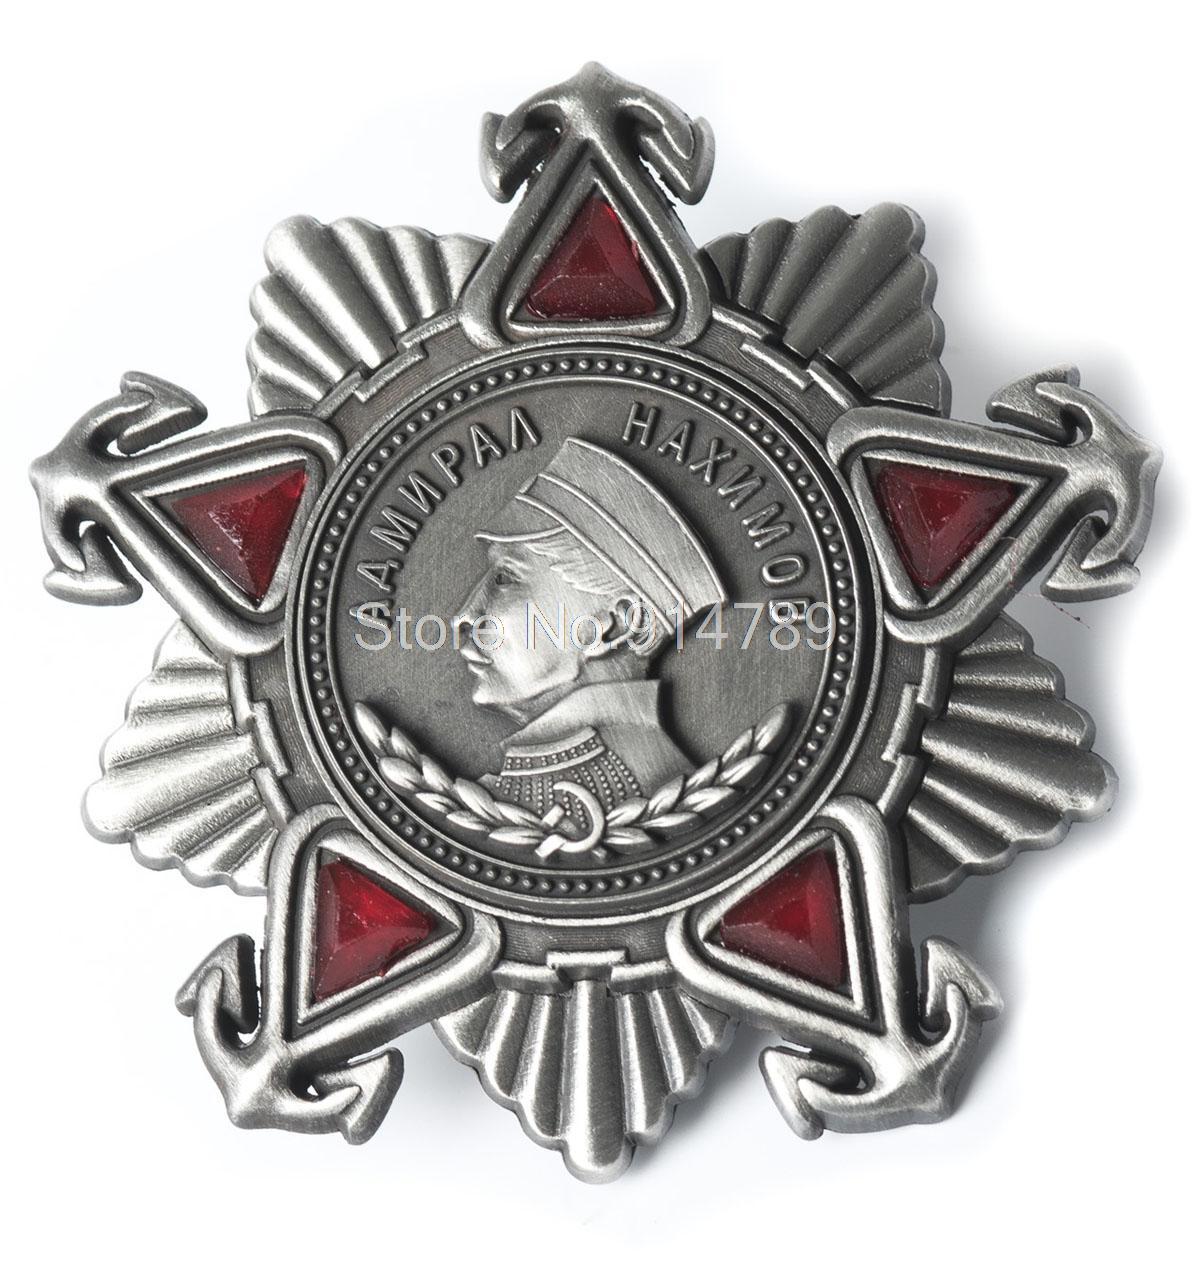 WWII SOWJETUNION UdSSR 2. PAVEL NASIMOV MEDAILLE AUSZEICHNUNG - Kostüme